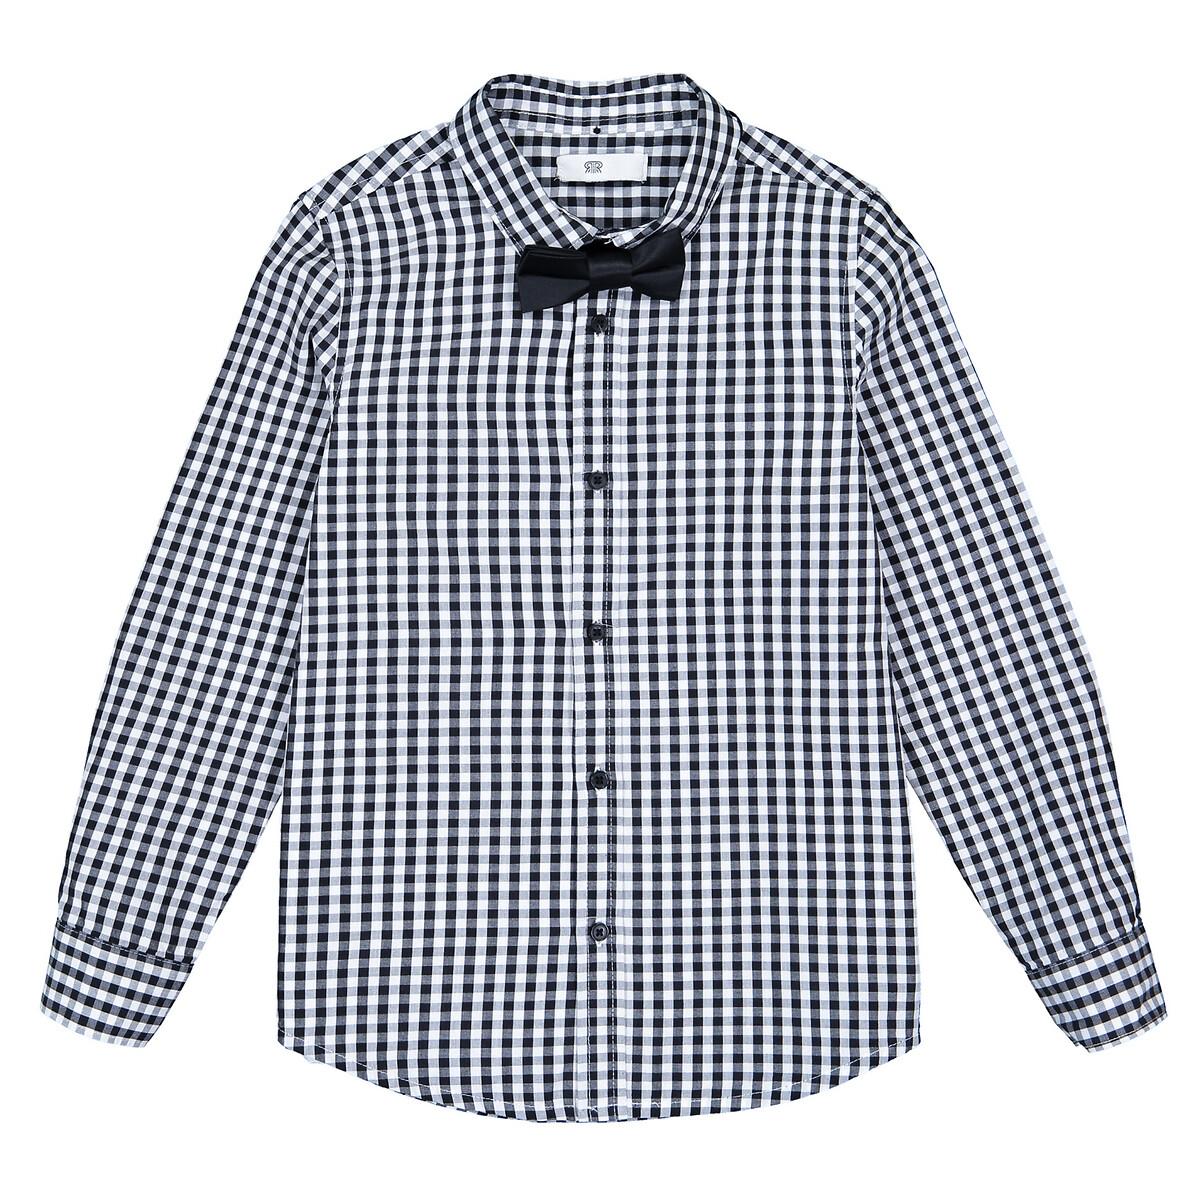 Camisa aos quadrados, com laço papillon 3-12 anos